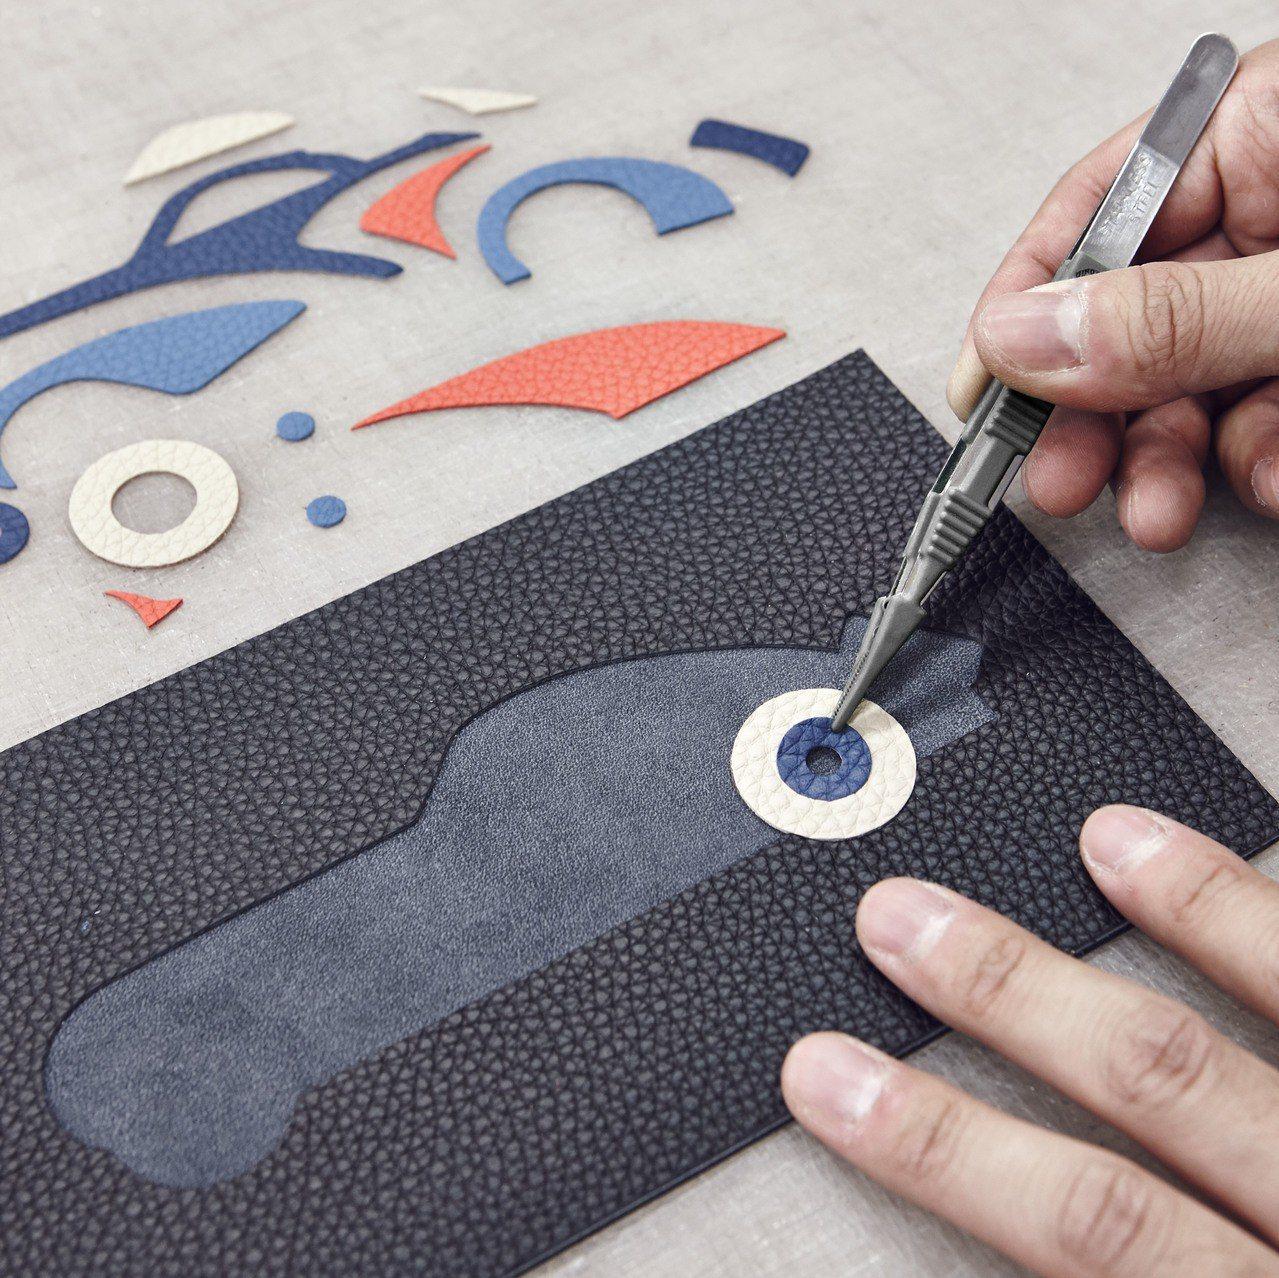 Mosaïque皮革鑲嵌飛機系列來自工匠的巧手拼接。圖/MOYNAT提供